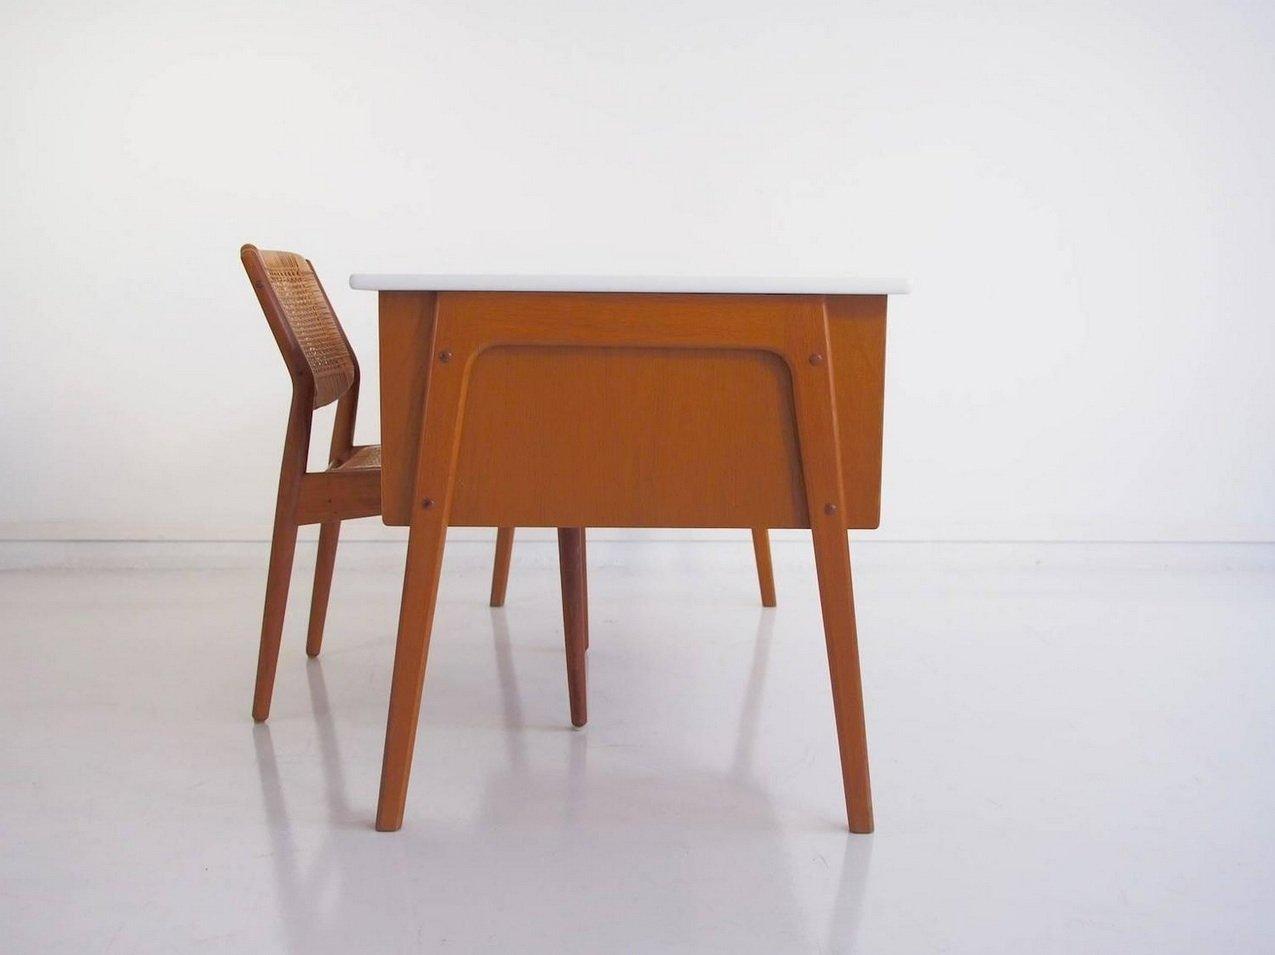 vintage eichenholz schreibtisch mit wei er tischplatte bei pamono kaufen. Black Bedroom Furniture Sets. Home Design Ideas